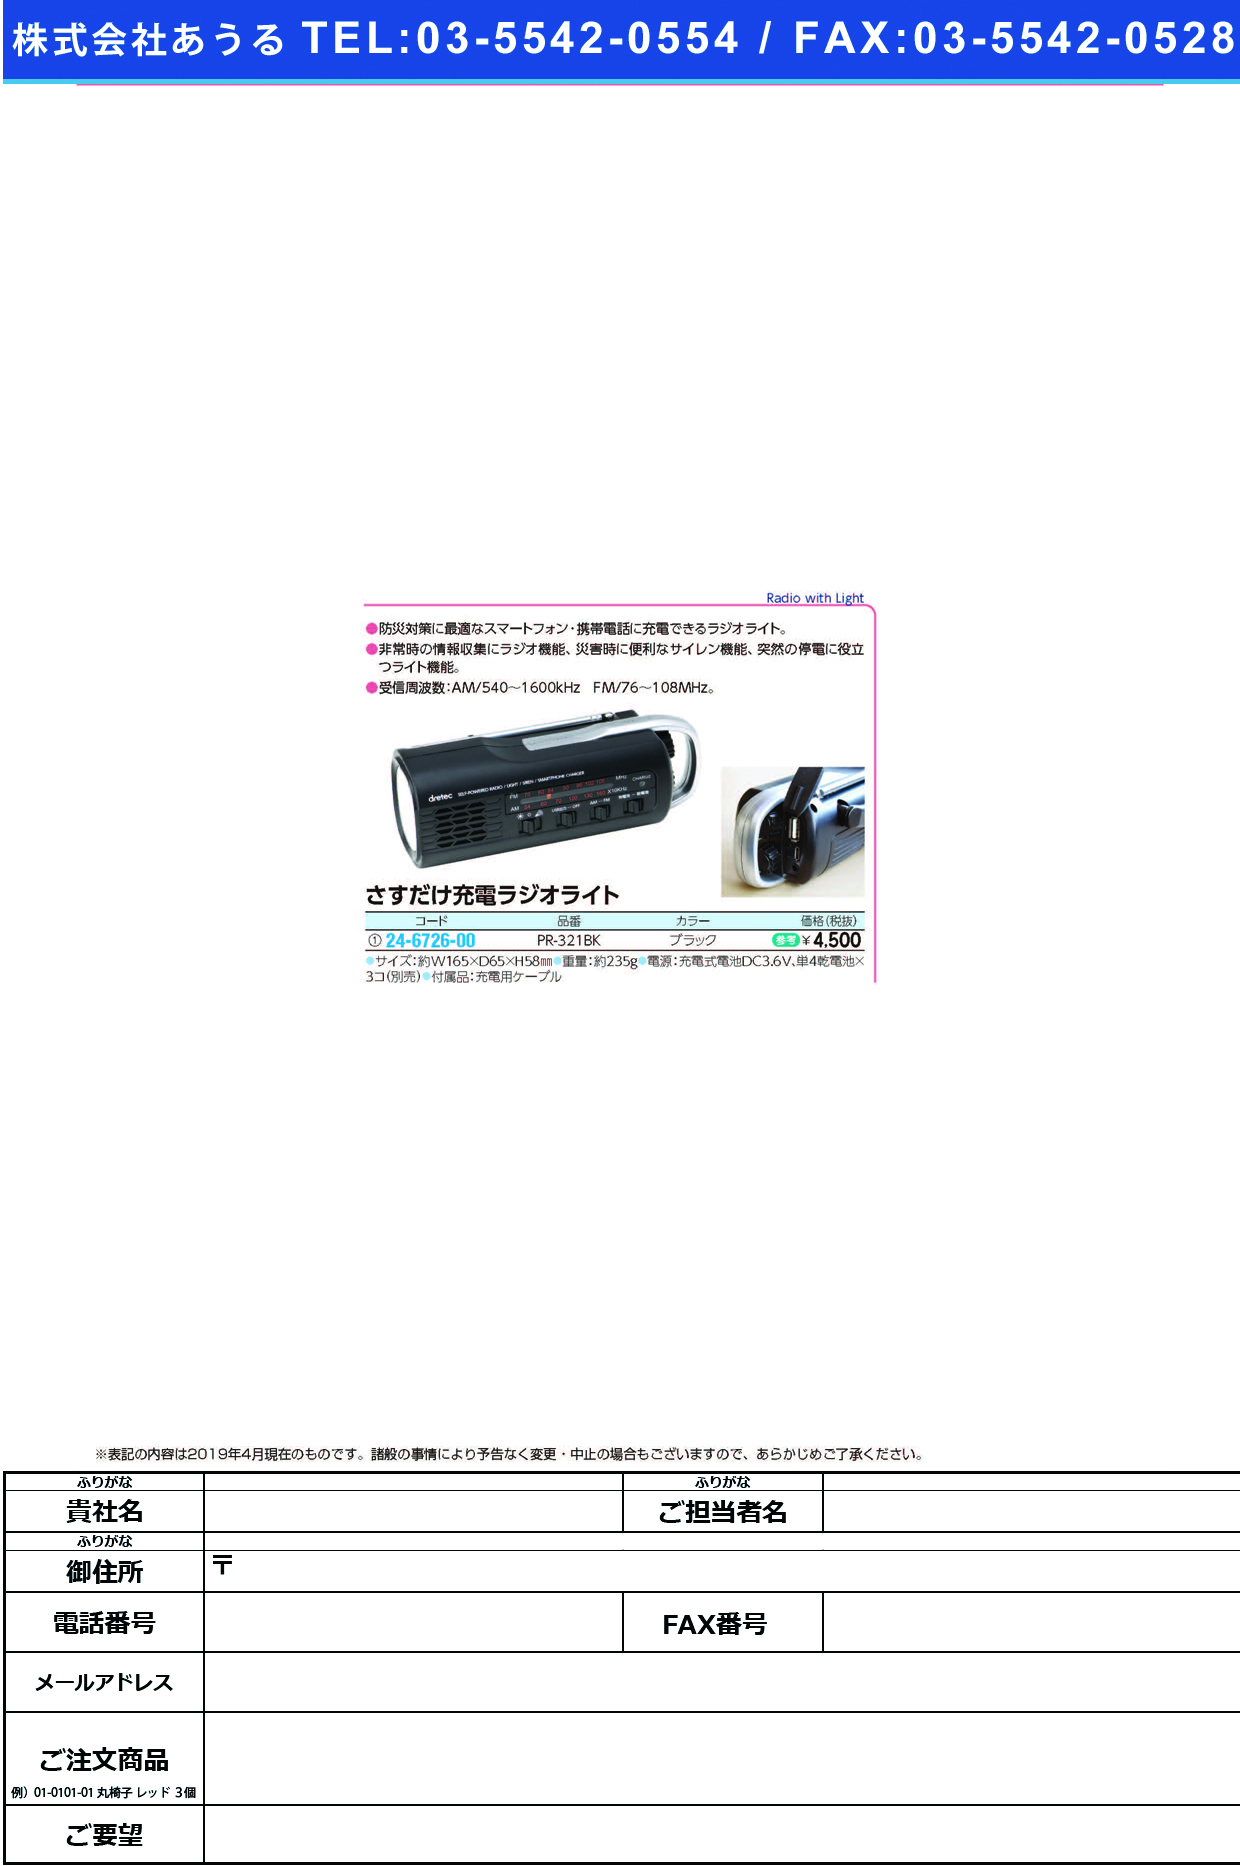 (24-6726-00)さすだけ充電ラジオライト PR-321BK(ブラック) サスダケジュウデンラジオライト(ドリテック)【1個単位】【2019年カタログ商品】